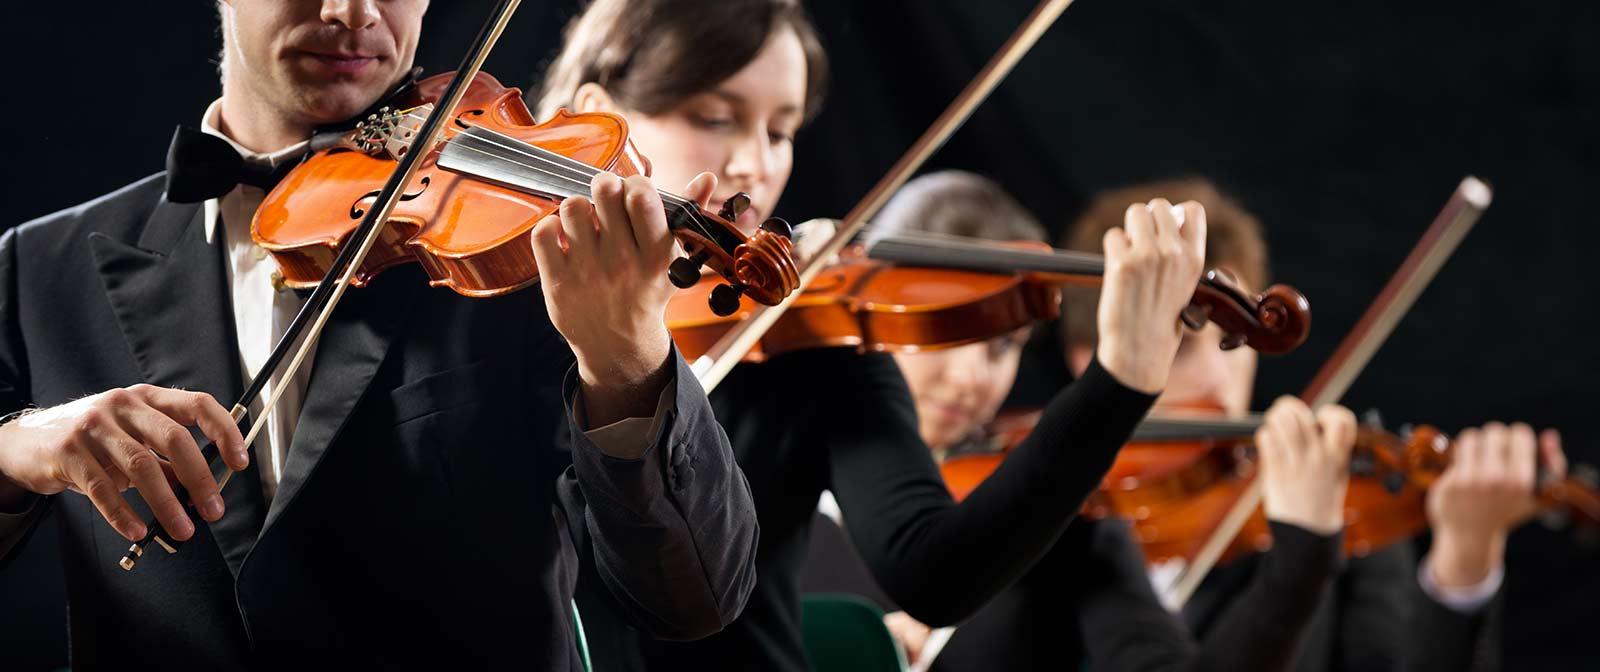 Konzert Geigen